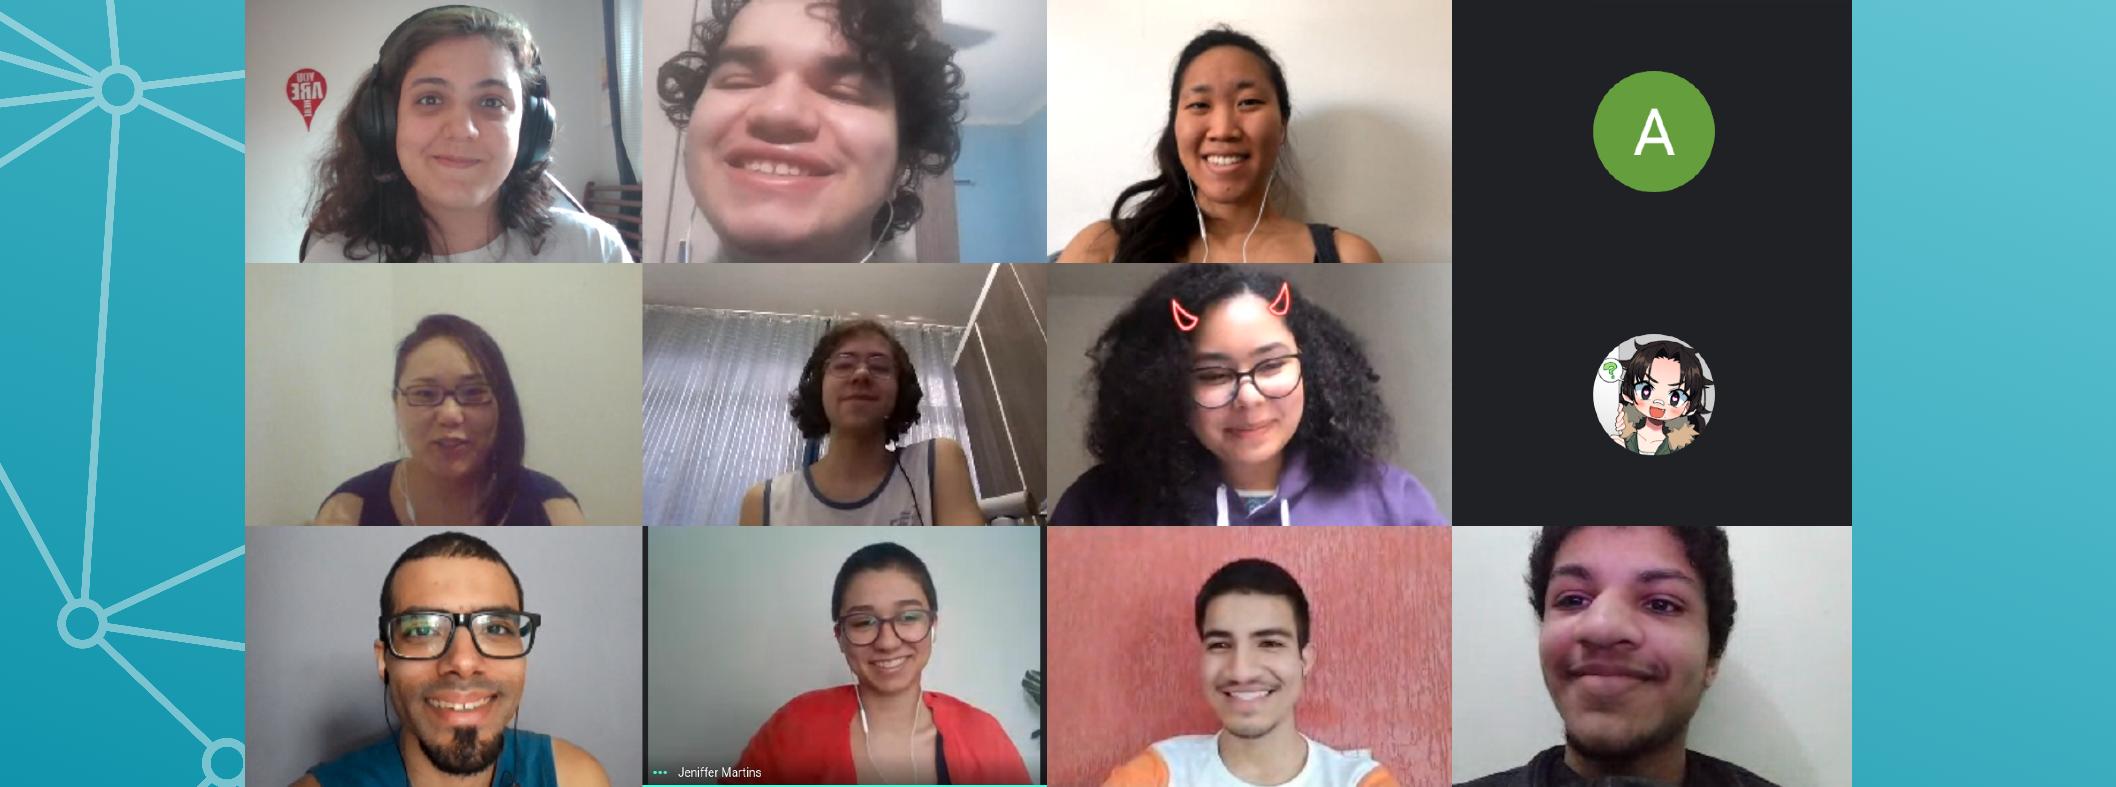 3ª geração do Tecs (2020) em uma reunião virtual. A imagem é uma captura de tela de uma vídeo-chamada com 12 pessoas cujos rostos estão dispostos em 3 linhas e 4 colunas.